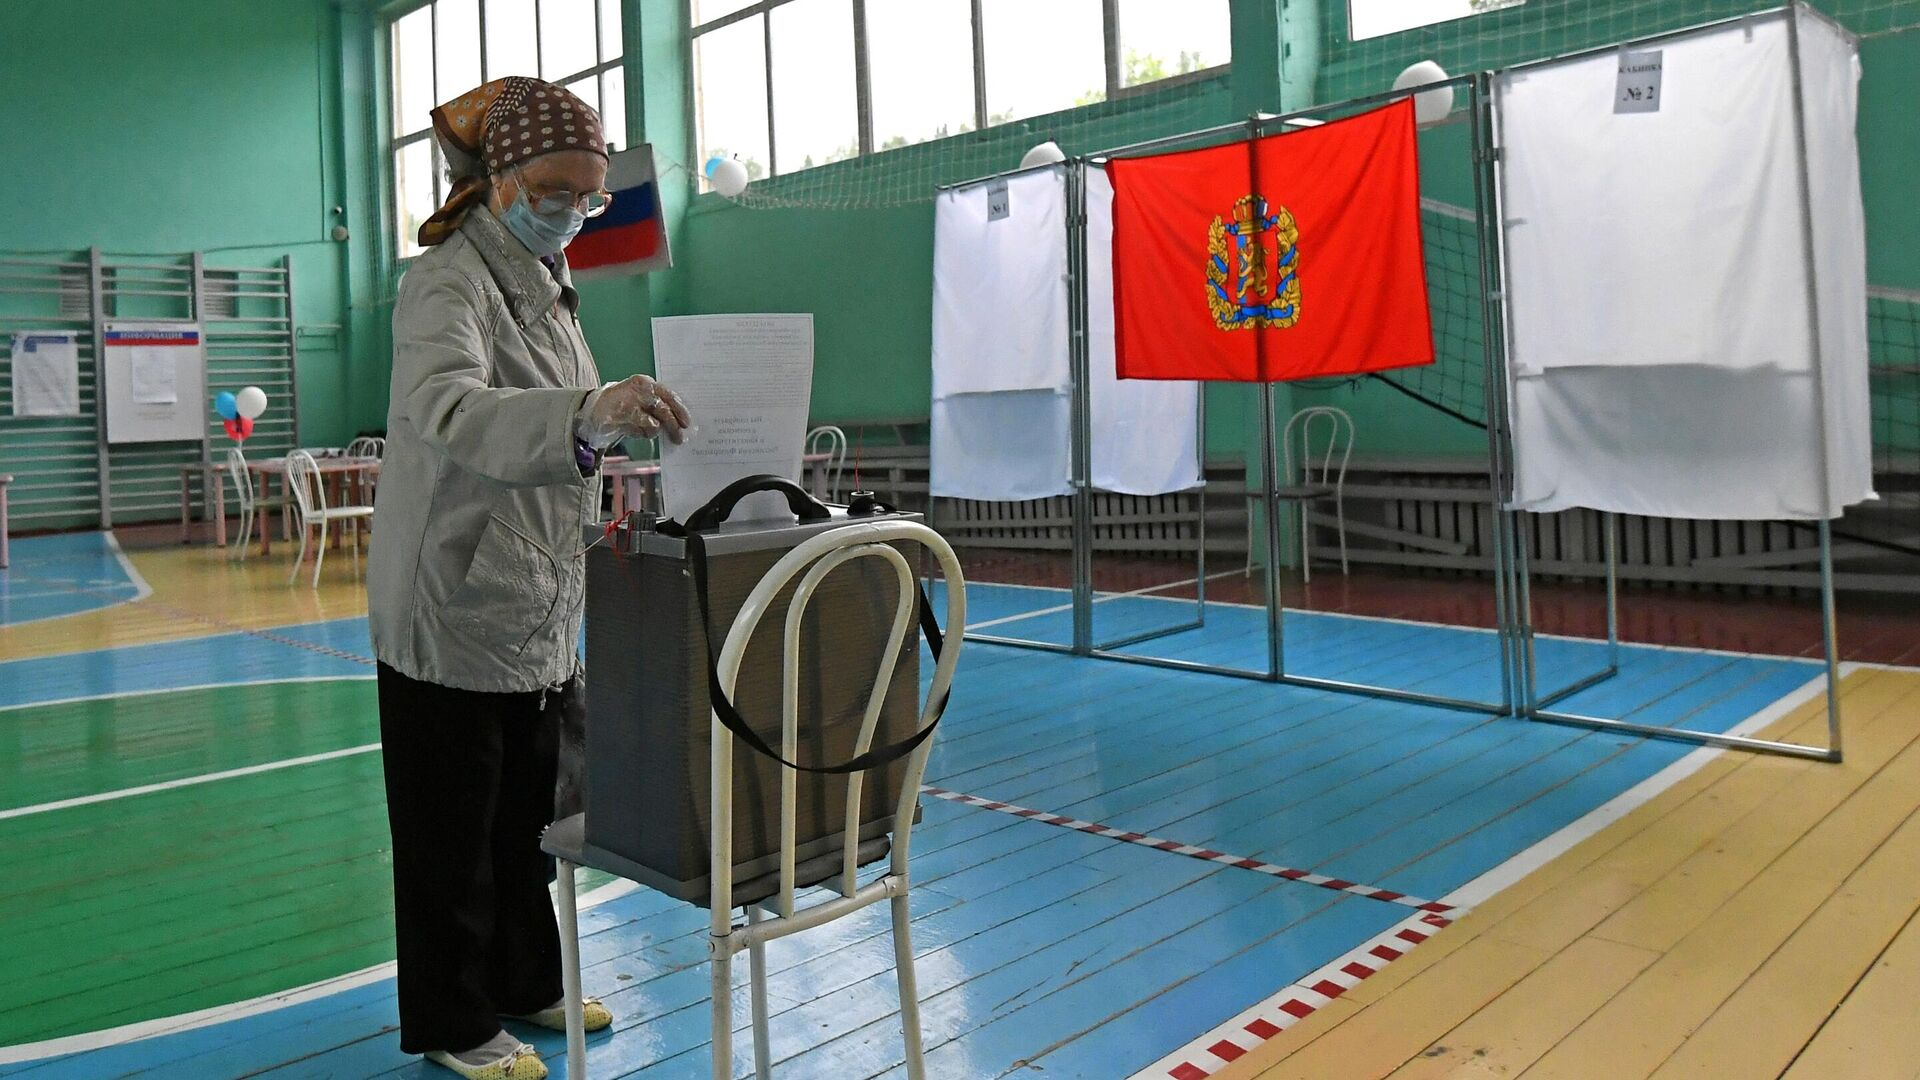 Голосование на избирательном участке в школе - РИА Новости, 1920, 04.09.2020